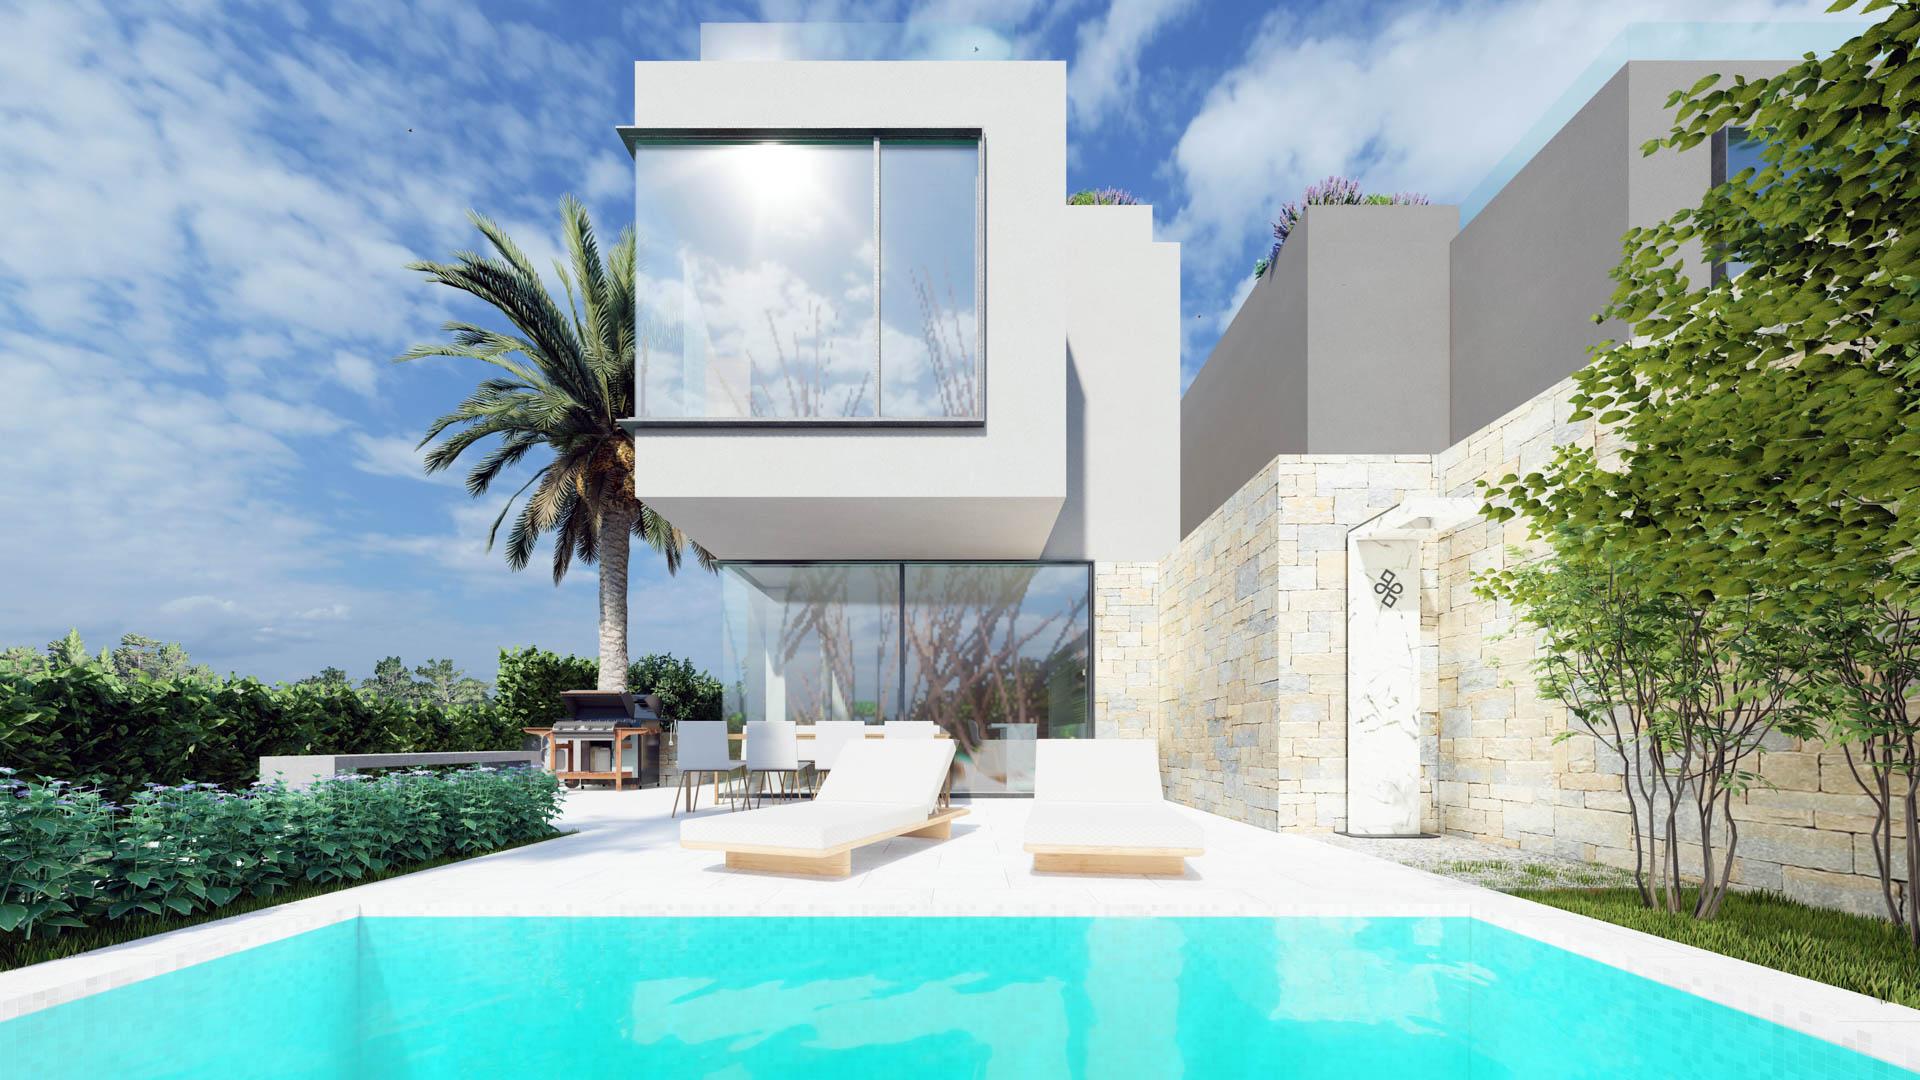 Schöne Villen mit Pool zu verkaufen, 800 m vom Meer entfernt, Porec